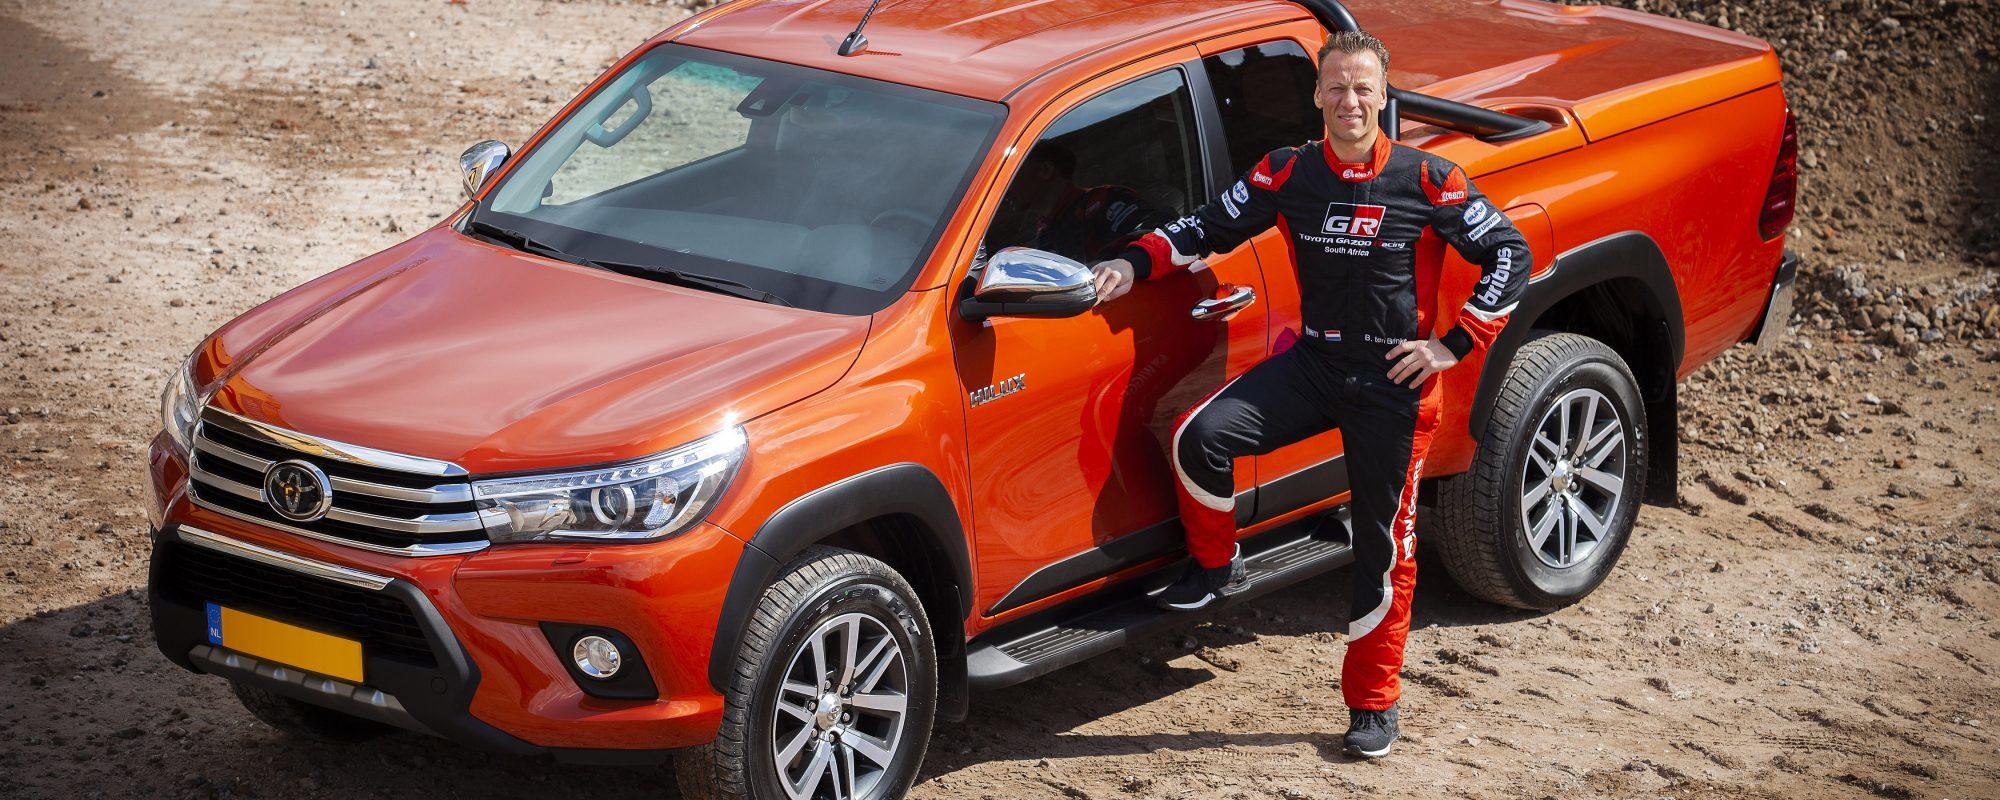 Toyota Hilux Challenger voor Dakar-coureur Bernhard ten Brinke